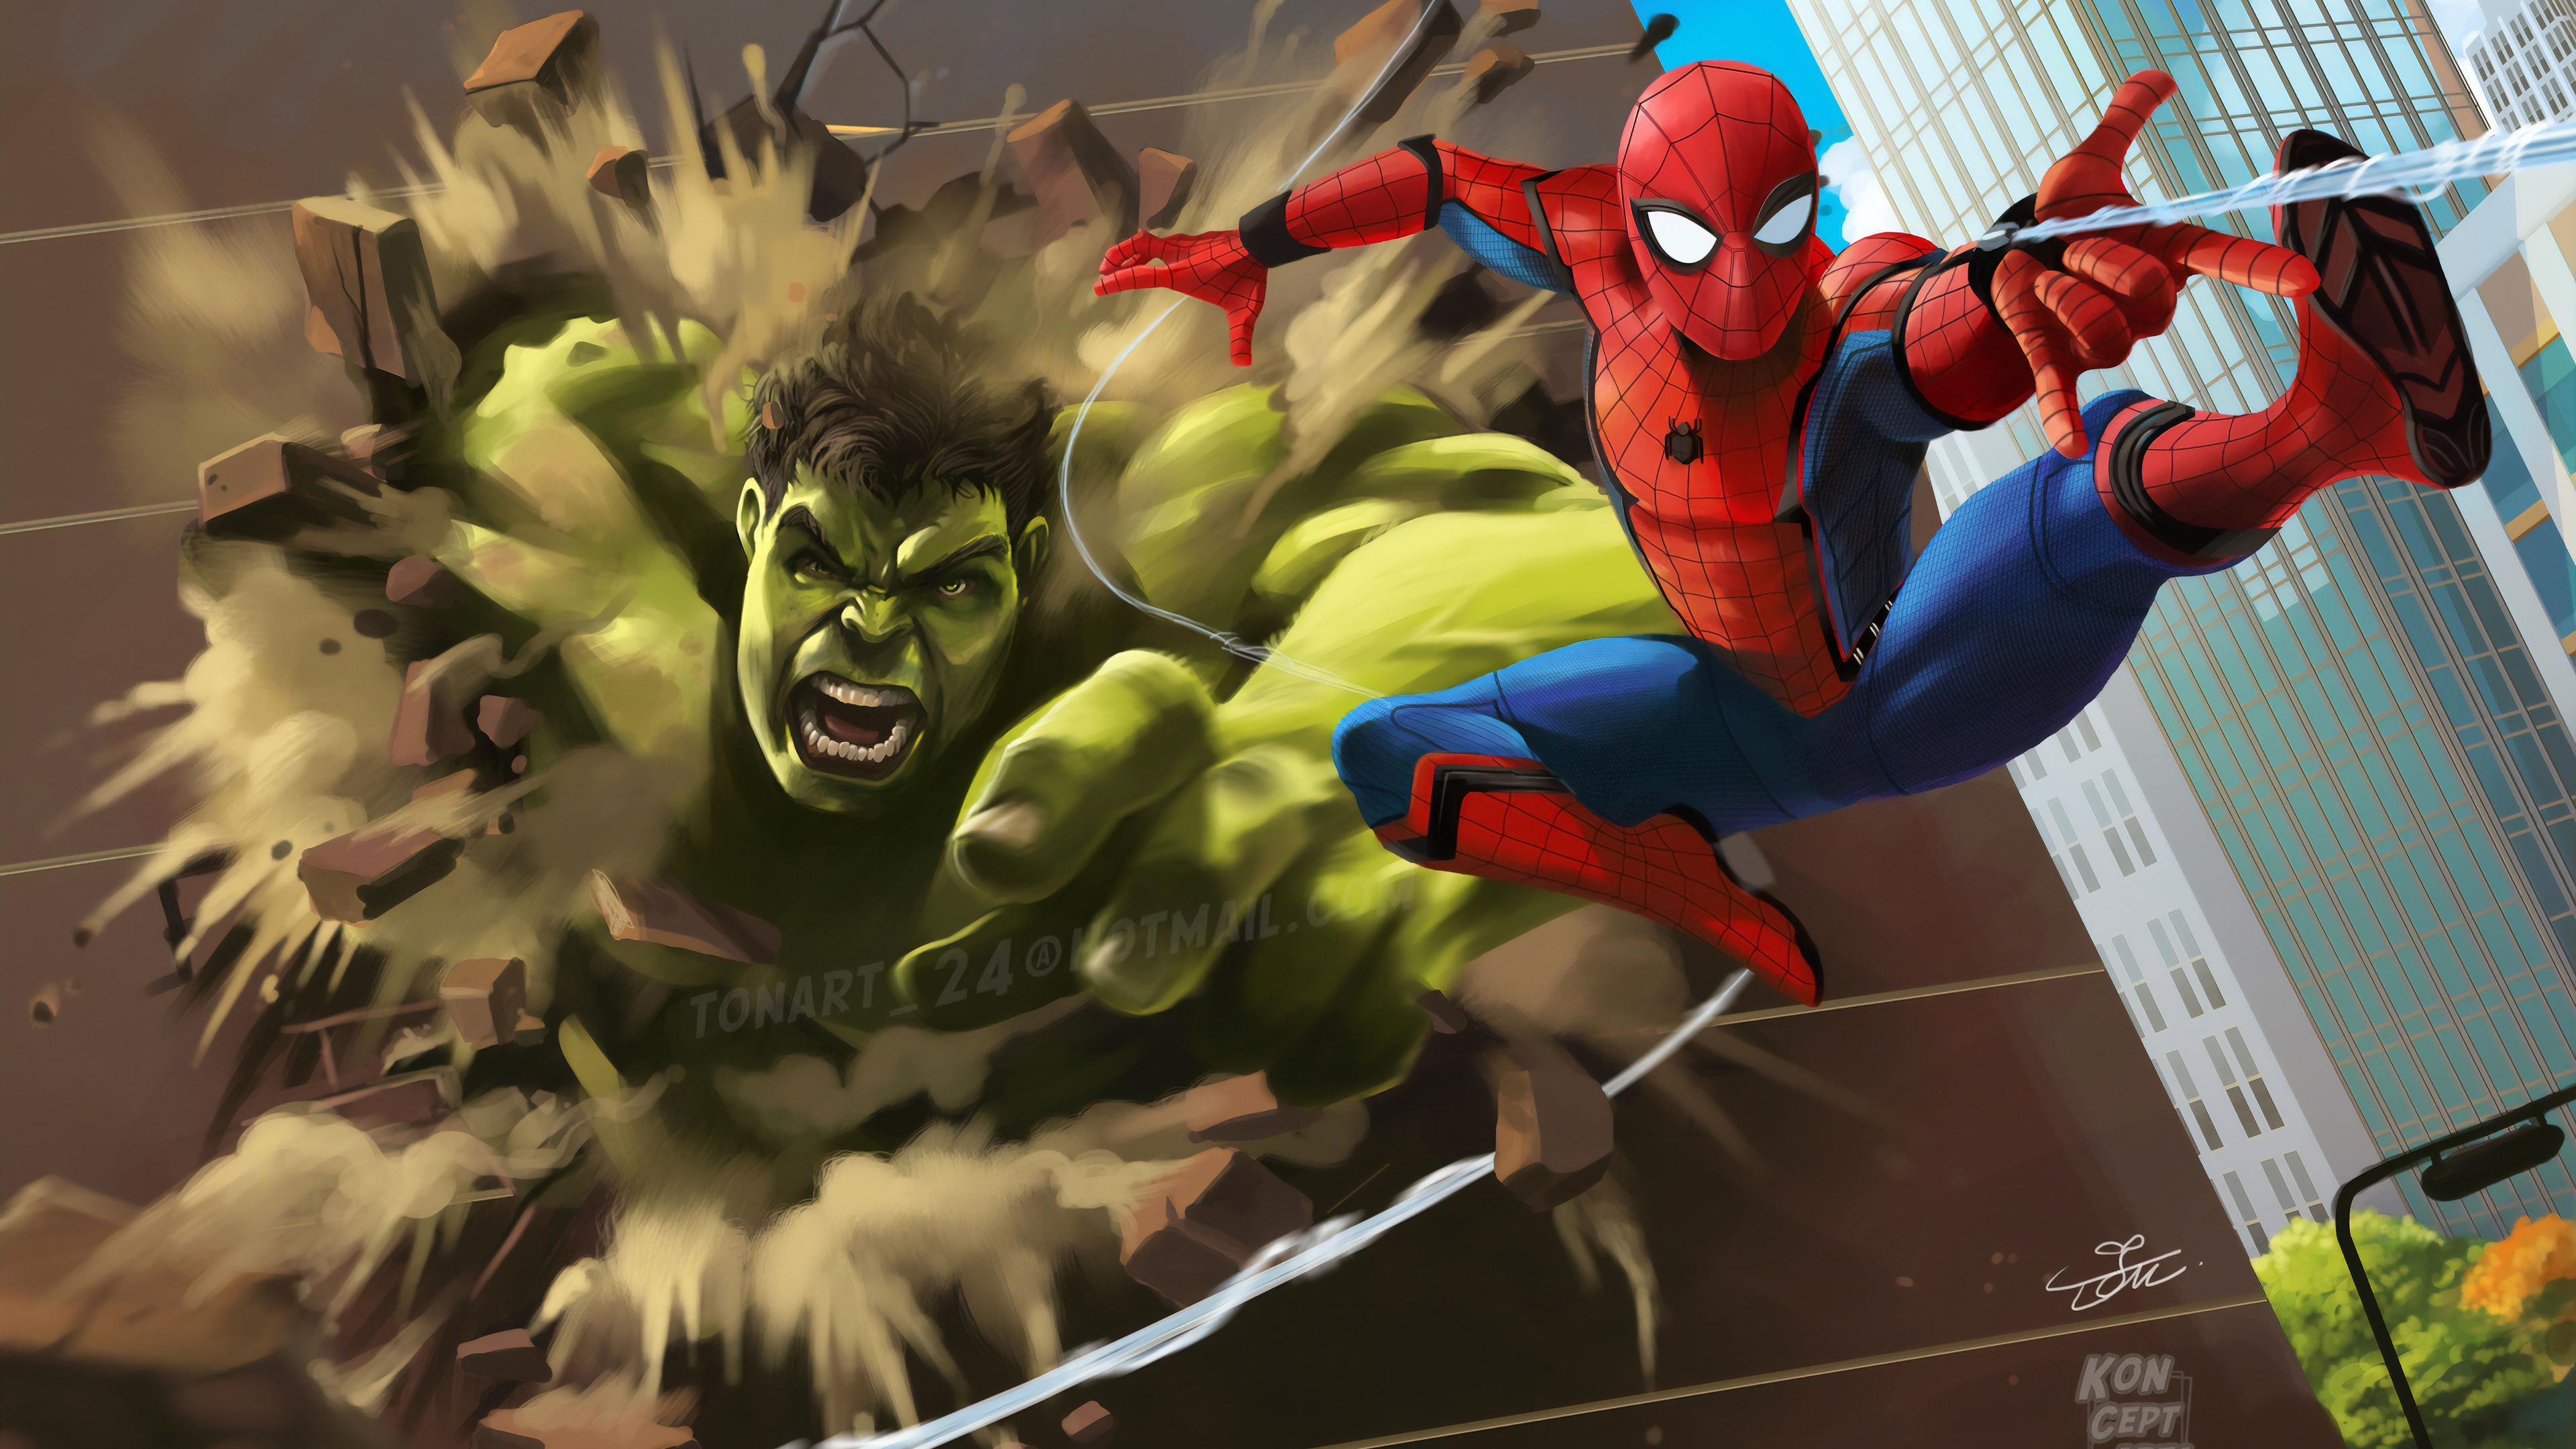 Wallpaper 4k Hulk Vs Spiderman 4k Wallpapers Artstation